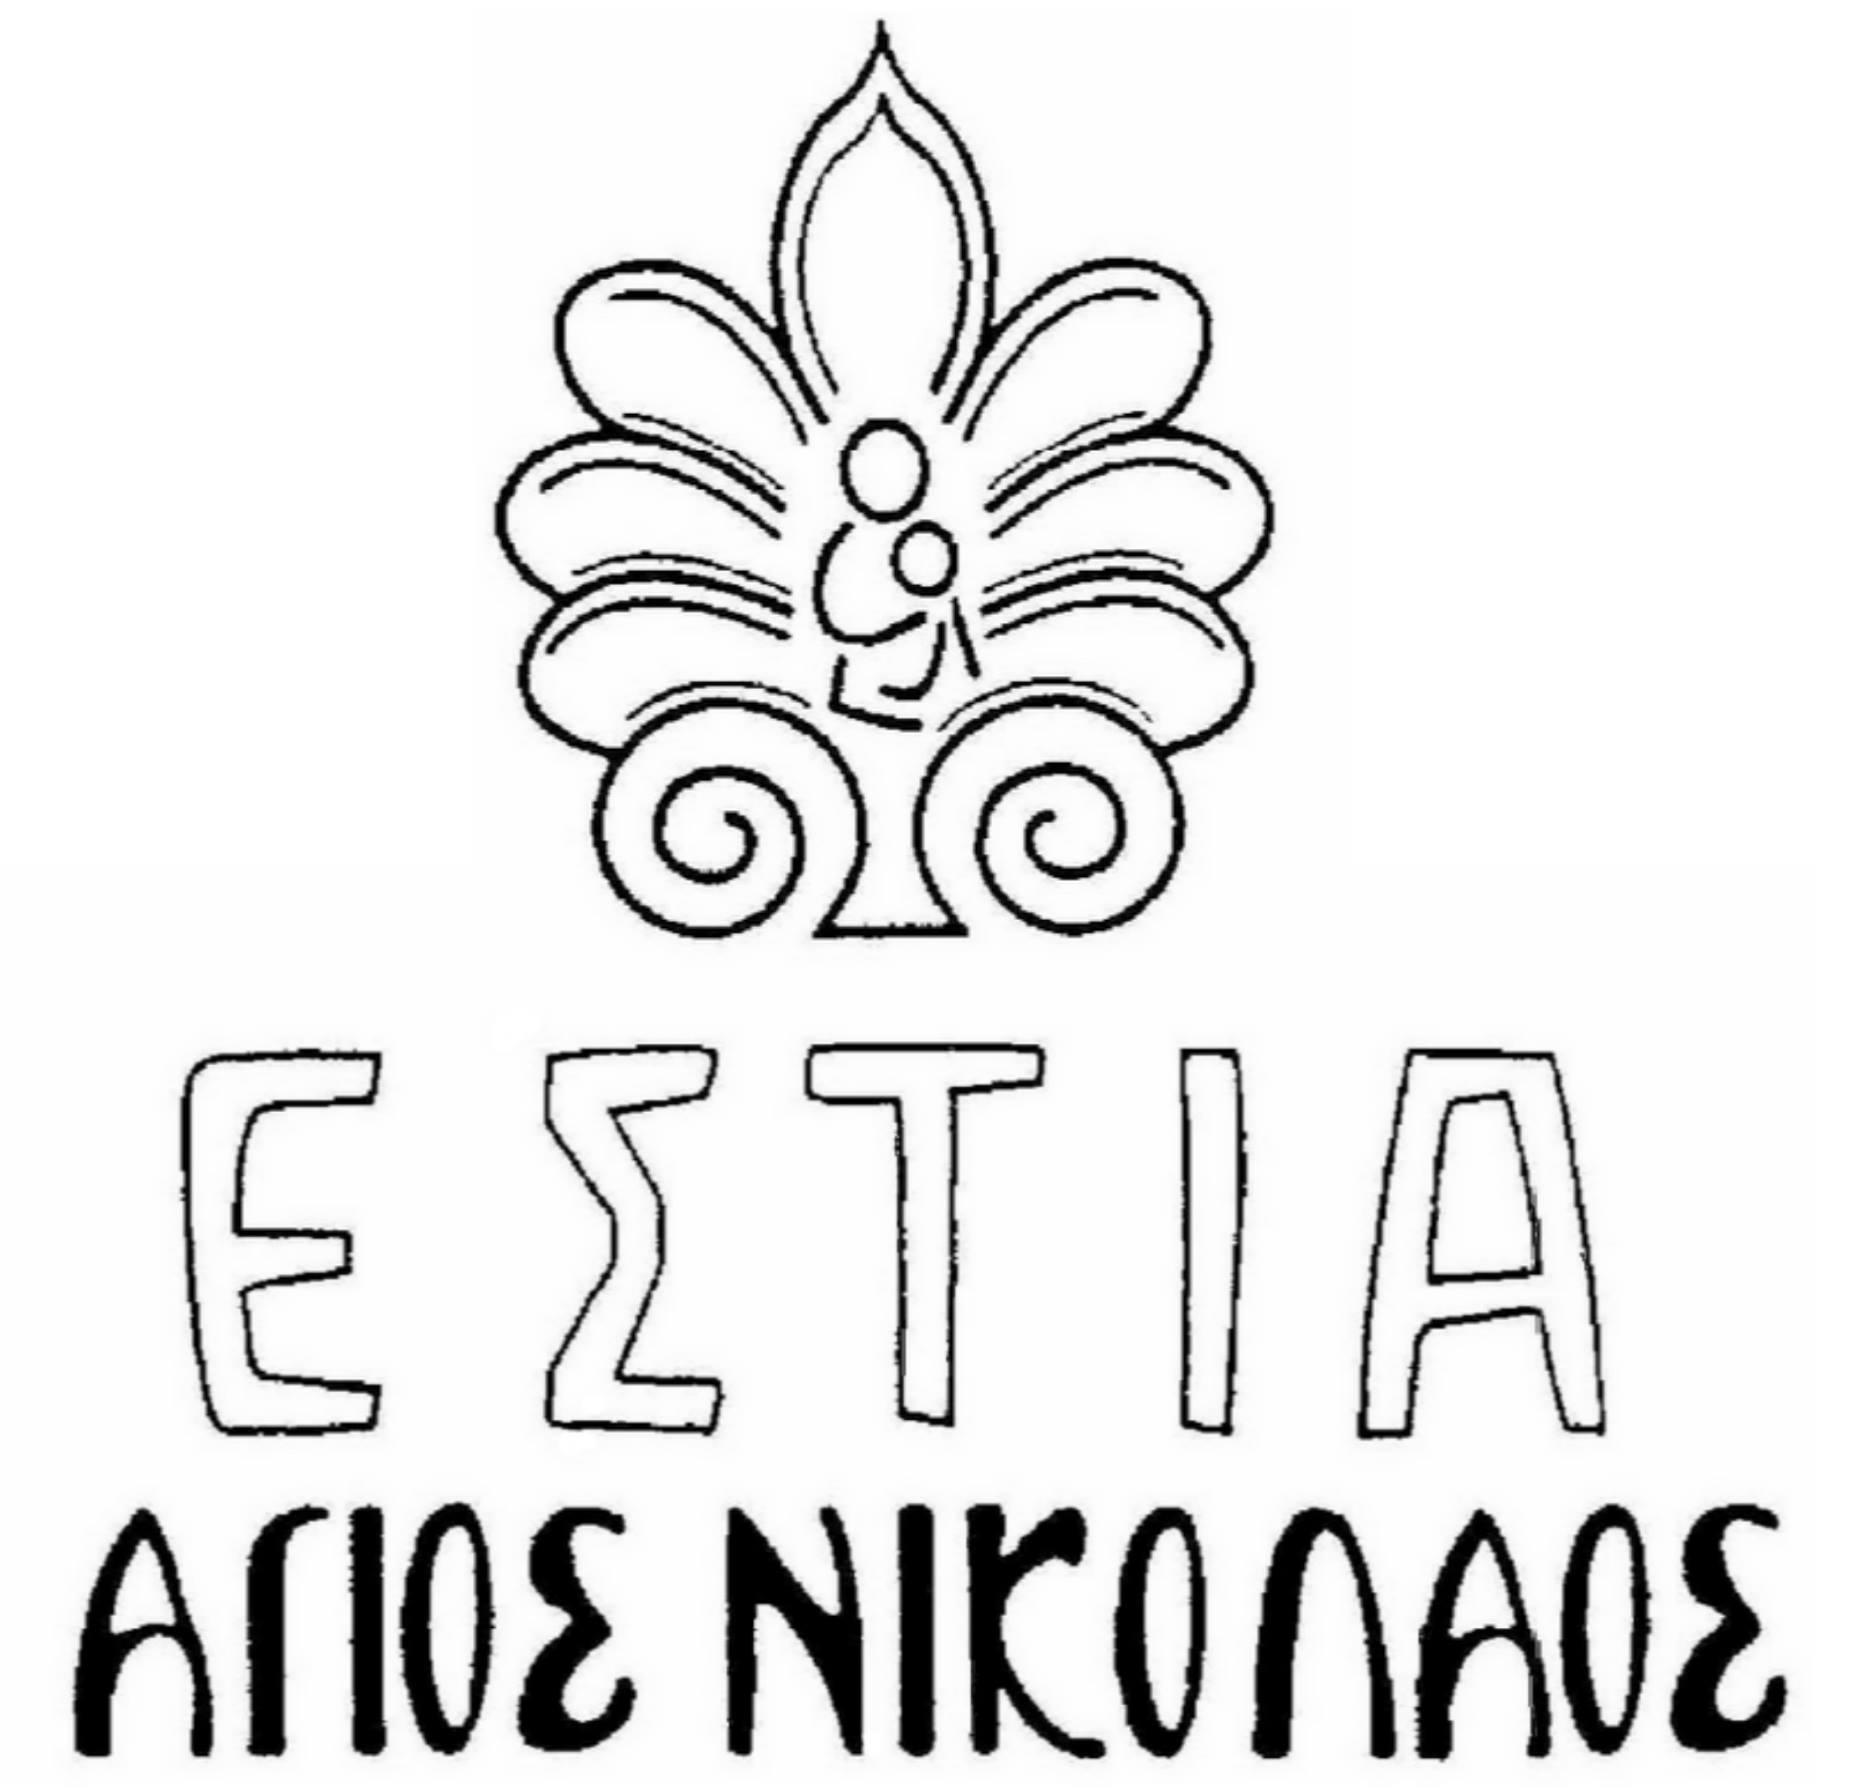 Λογότυπο ΕΣΤΙΑ - ΑΓΙΟΣ ΝΙΚΟΛΑΟΣ.